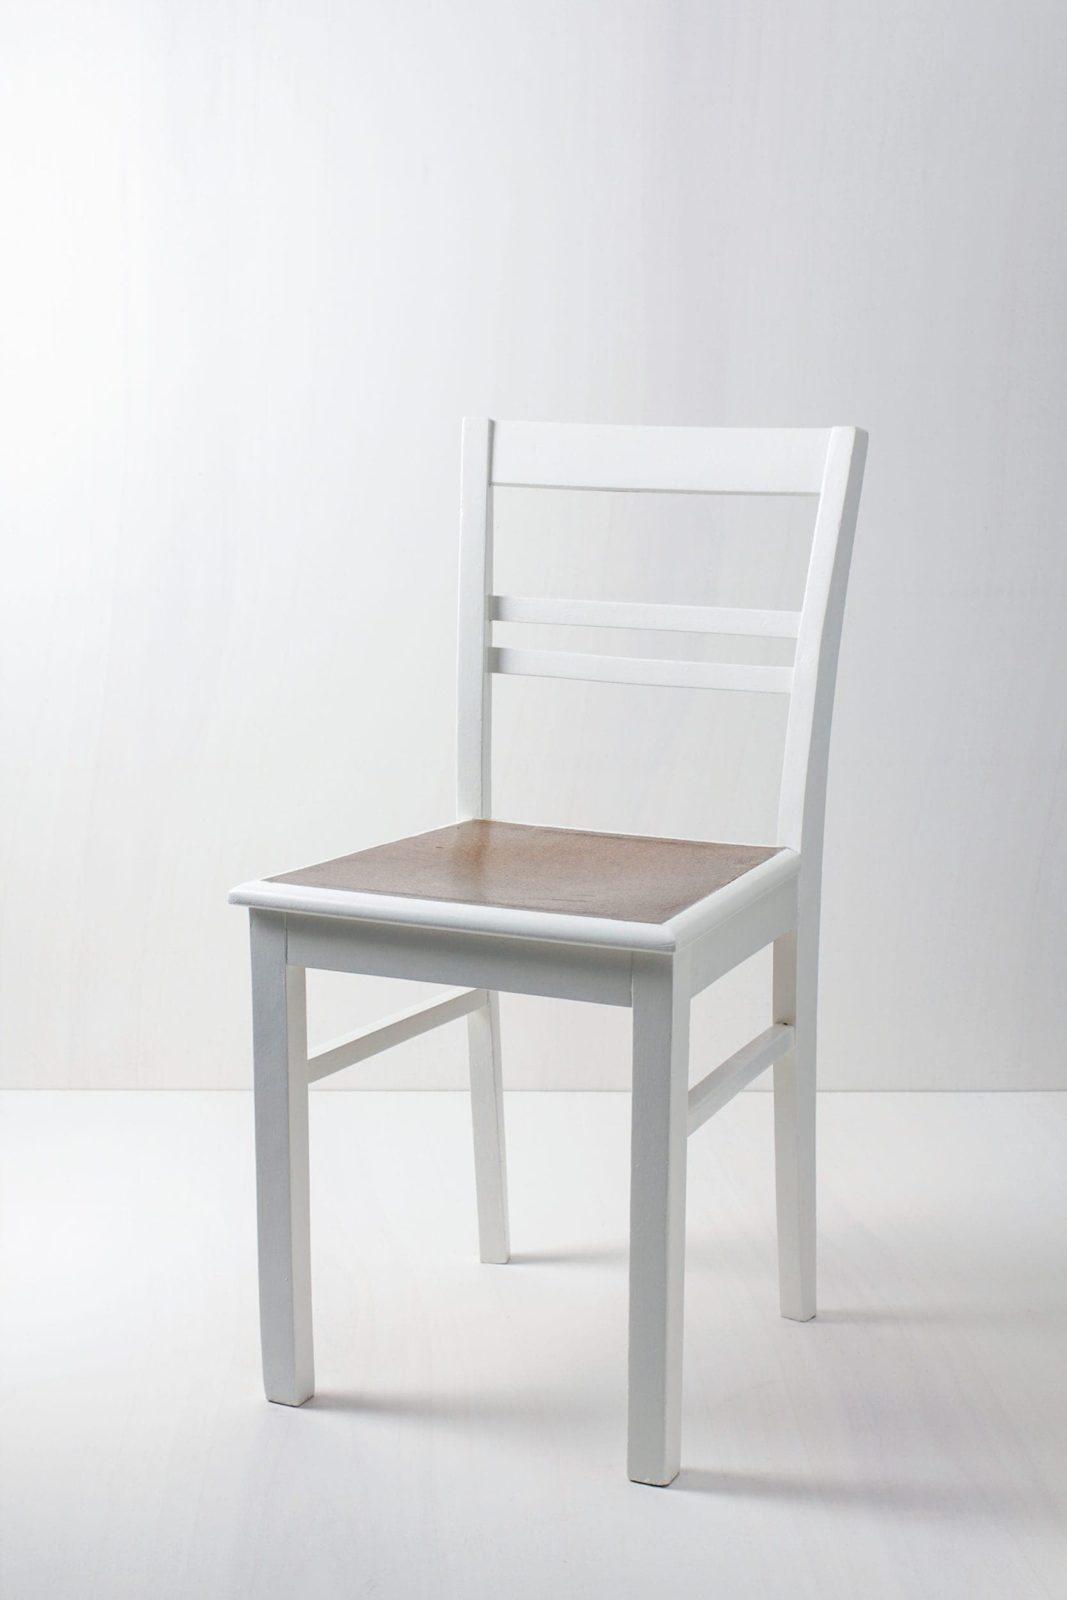 Küchenstuhl Mercedes | Vintage Küchenstuhl mit Korksitzfläche, seidenmatt weiß lackiert. | gotvintage Rental & Event Design